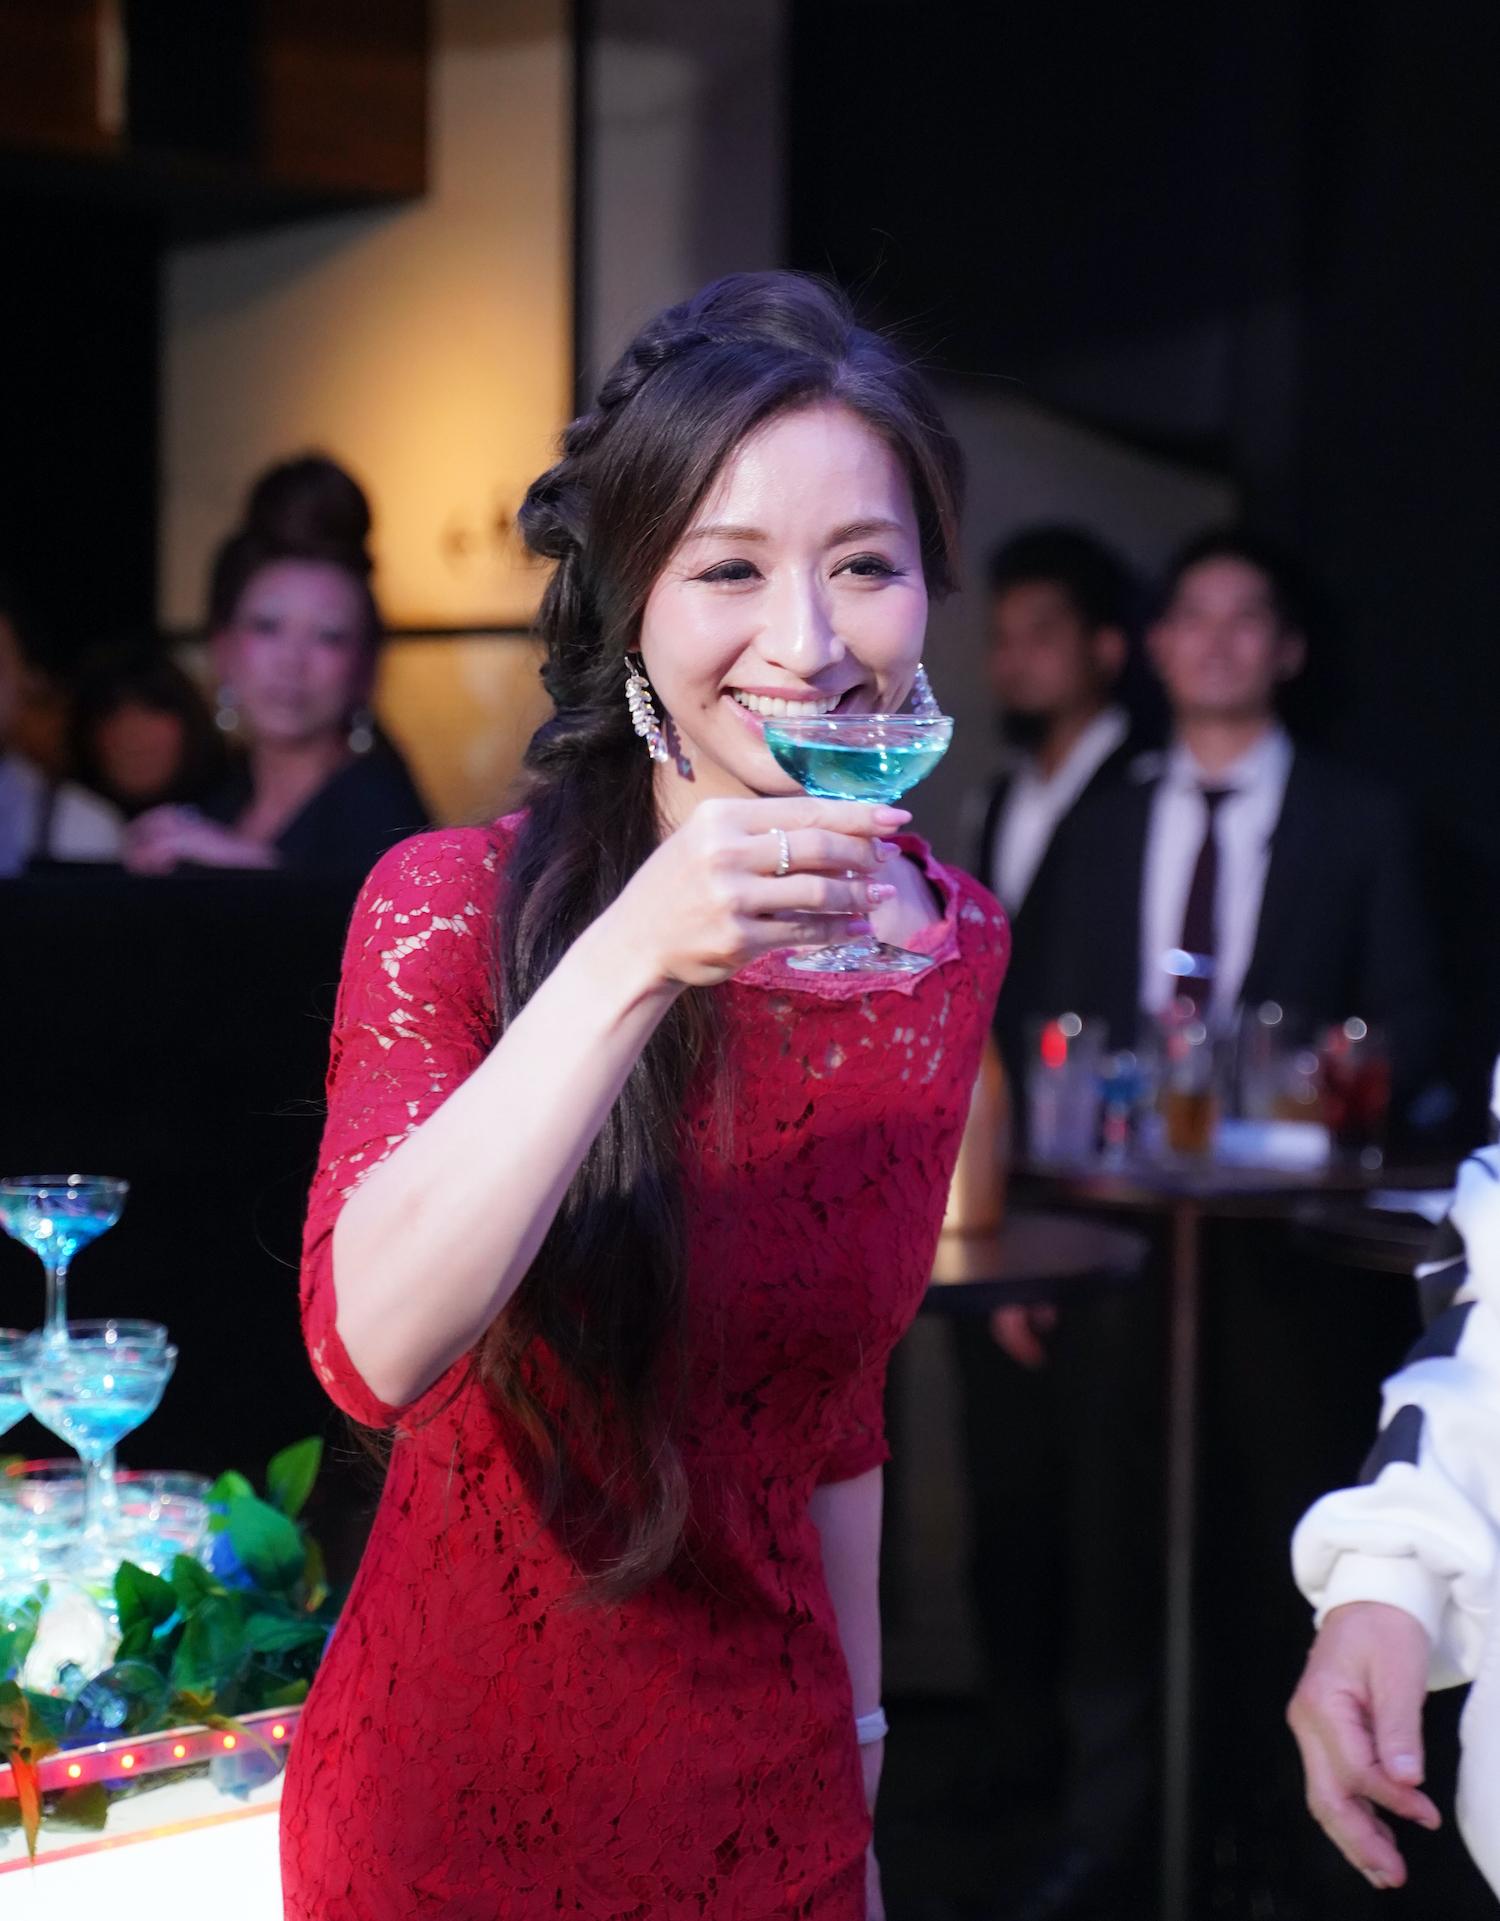 牧内美奈子さん/2020年1月29日/撮影:SHUN ONLINE